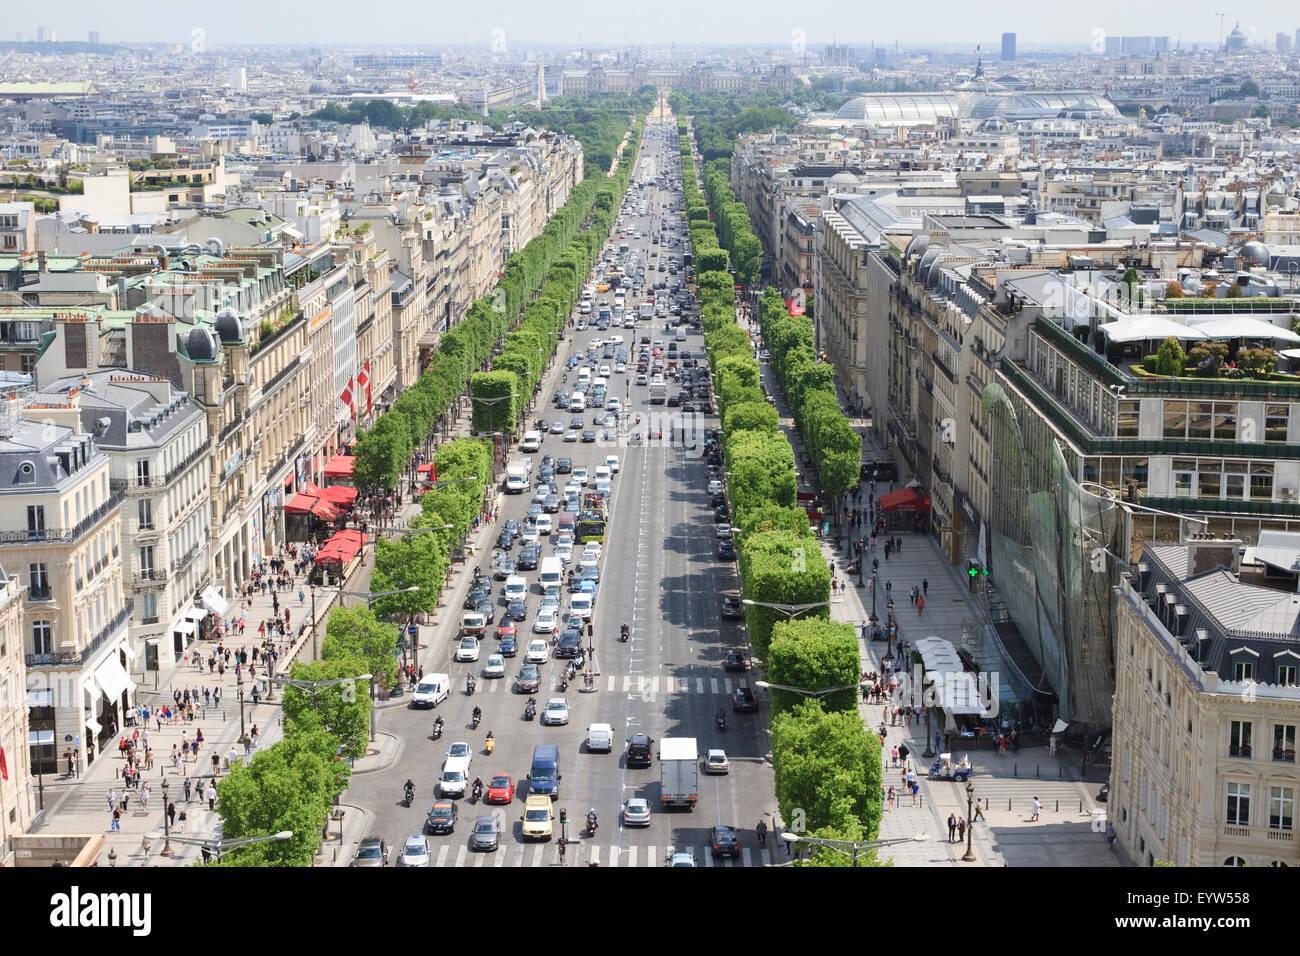 Avenue des Champs-Élysées as seen rom the observation deck of the Arc de Triomphe de l'Étoile - Stock Image